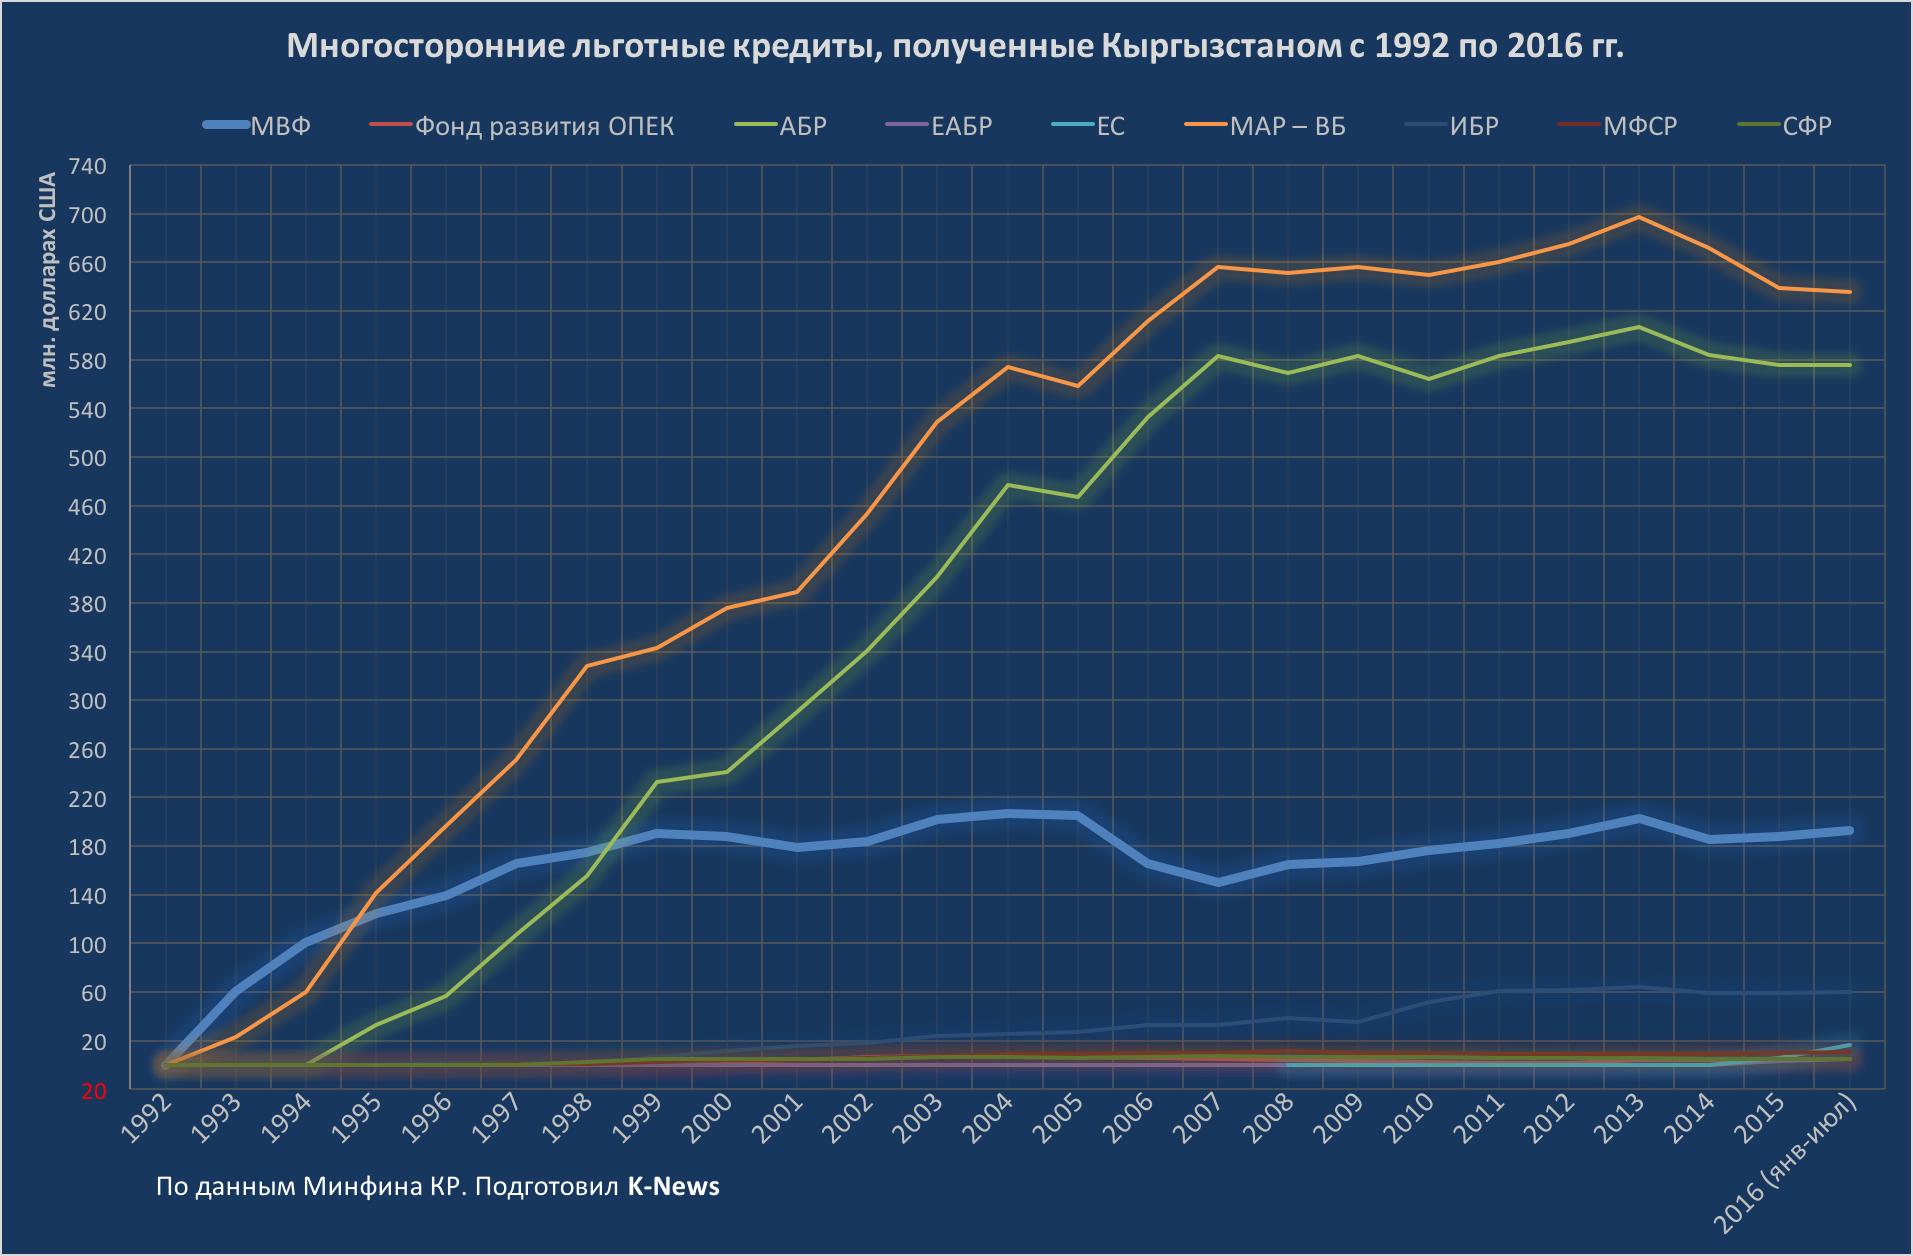 Государственный внешний долг 1992-2016 Многосторонние льготные кредиты